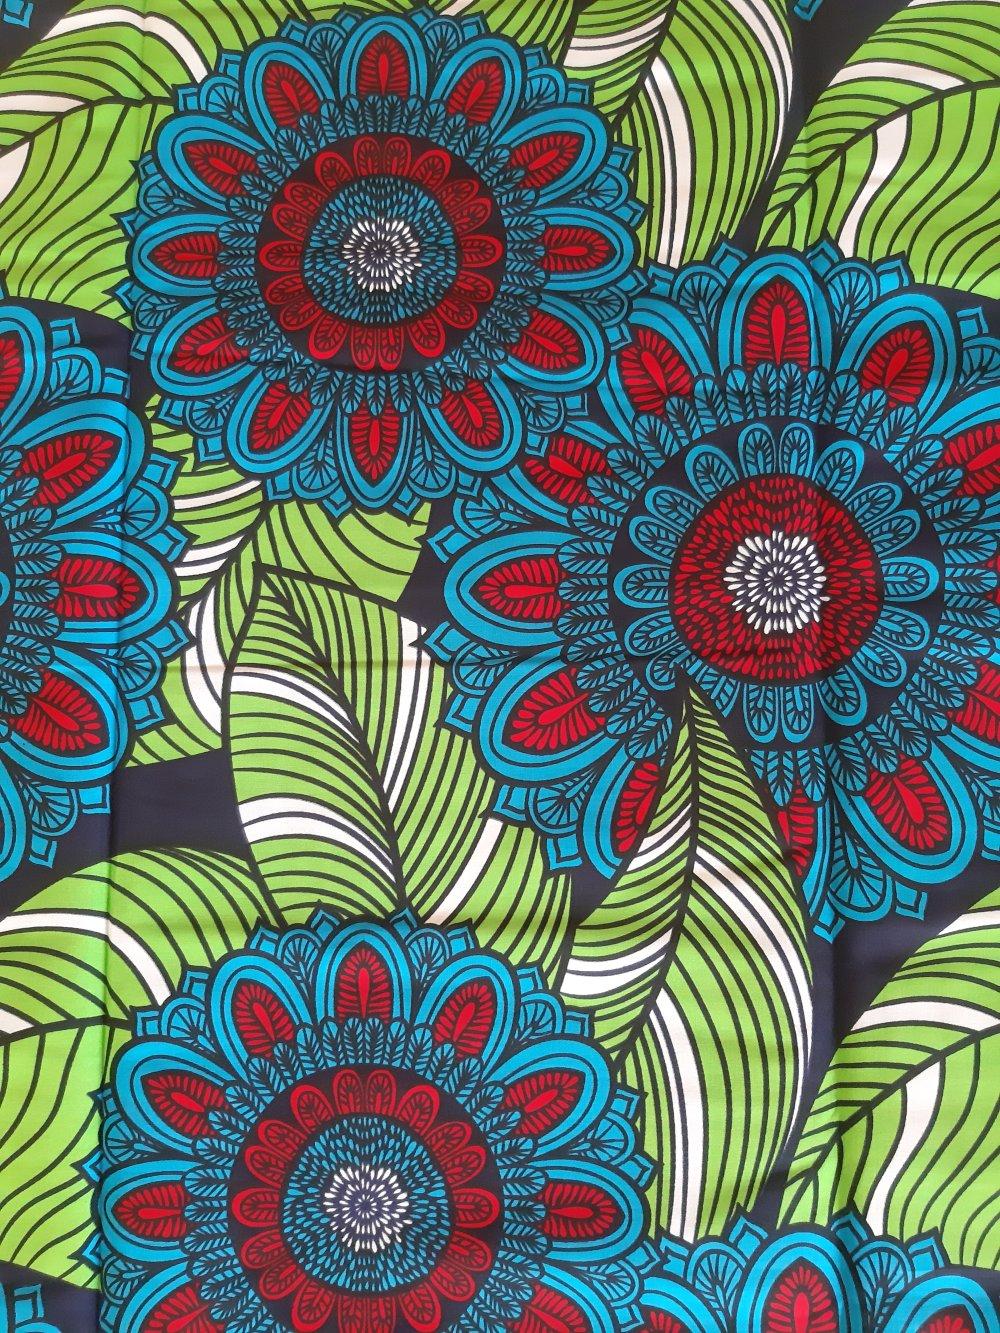 Tissu wax - par 50 centimètres - grandes rosaces bleues et vertes - 100% coton - Tissu africain - pagne